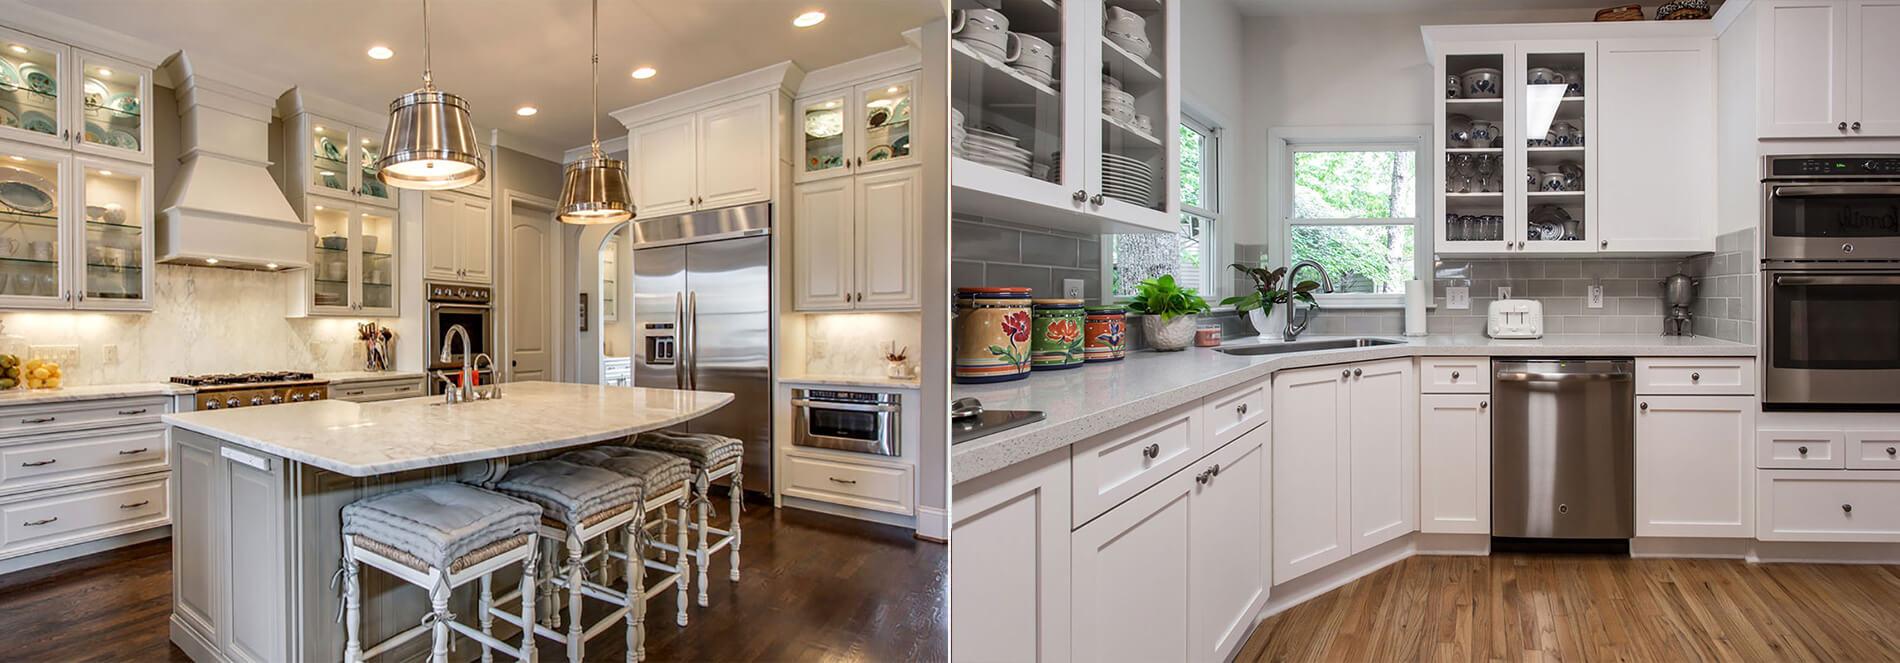 silveroakremodel kitchen remodeling atlanta ga